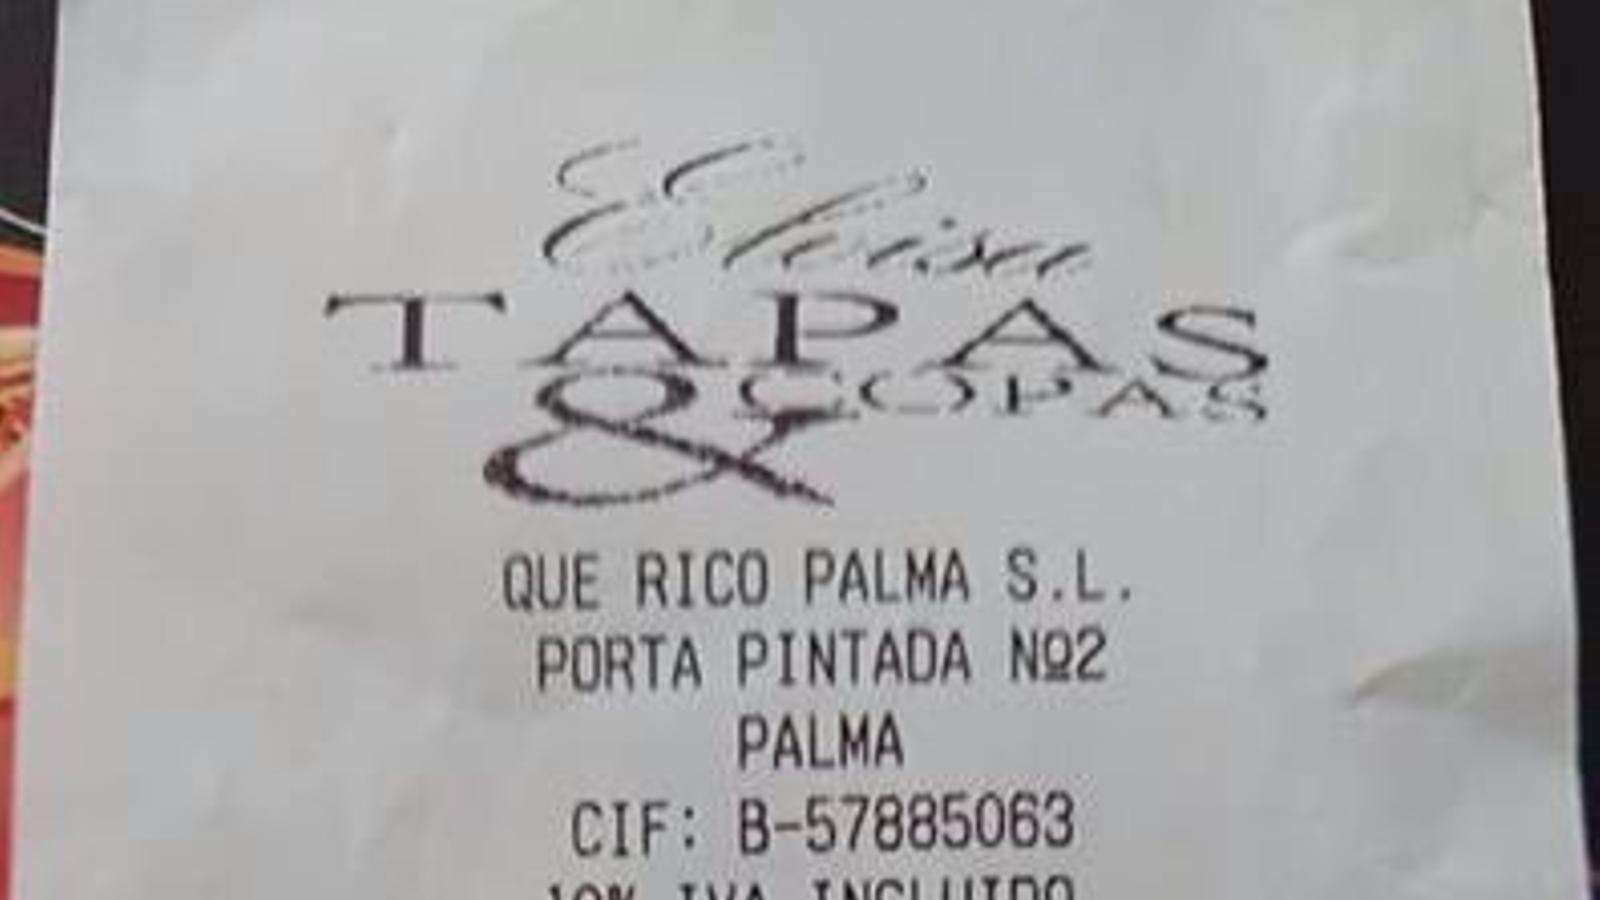 21,50 euros per un refresc i un suc de taronja a un bar al centre de Palma